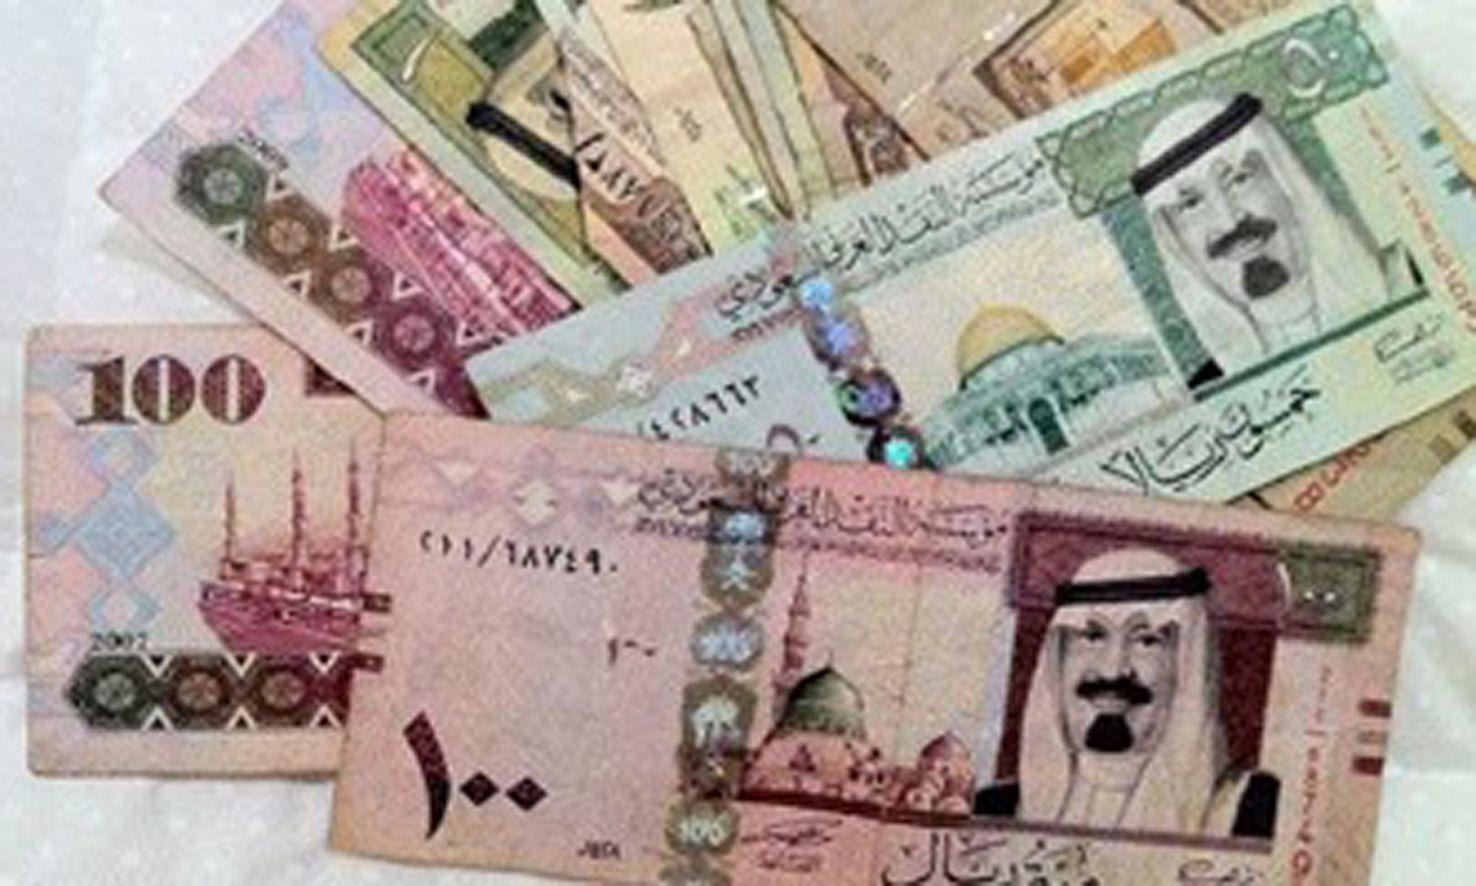 سعر الريال السعودي اليوم الاربعاء 5 8 2020 مقابل الجنية المصري في البنوك In 2020 Personalized Items Story Trifold